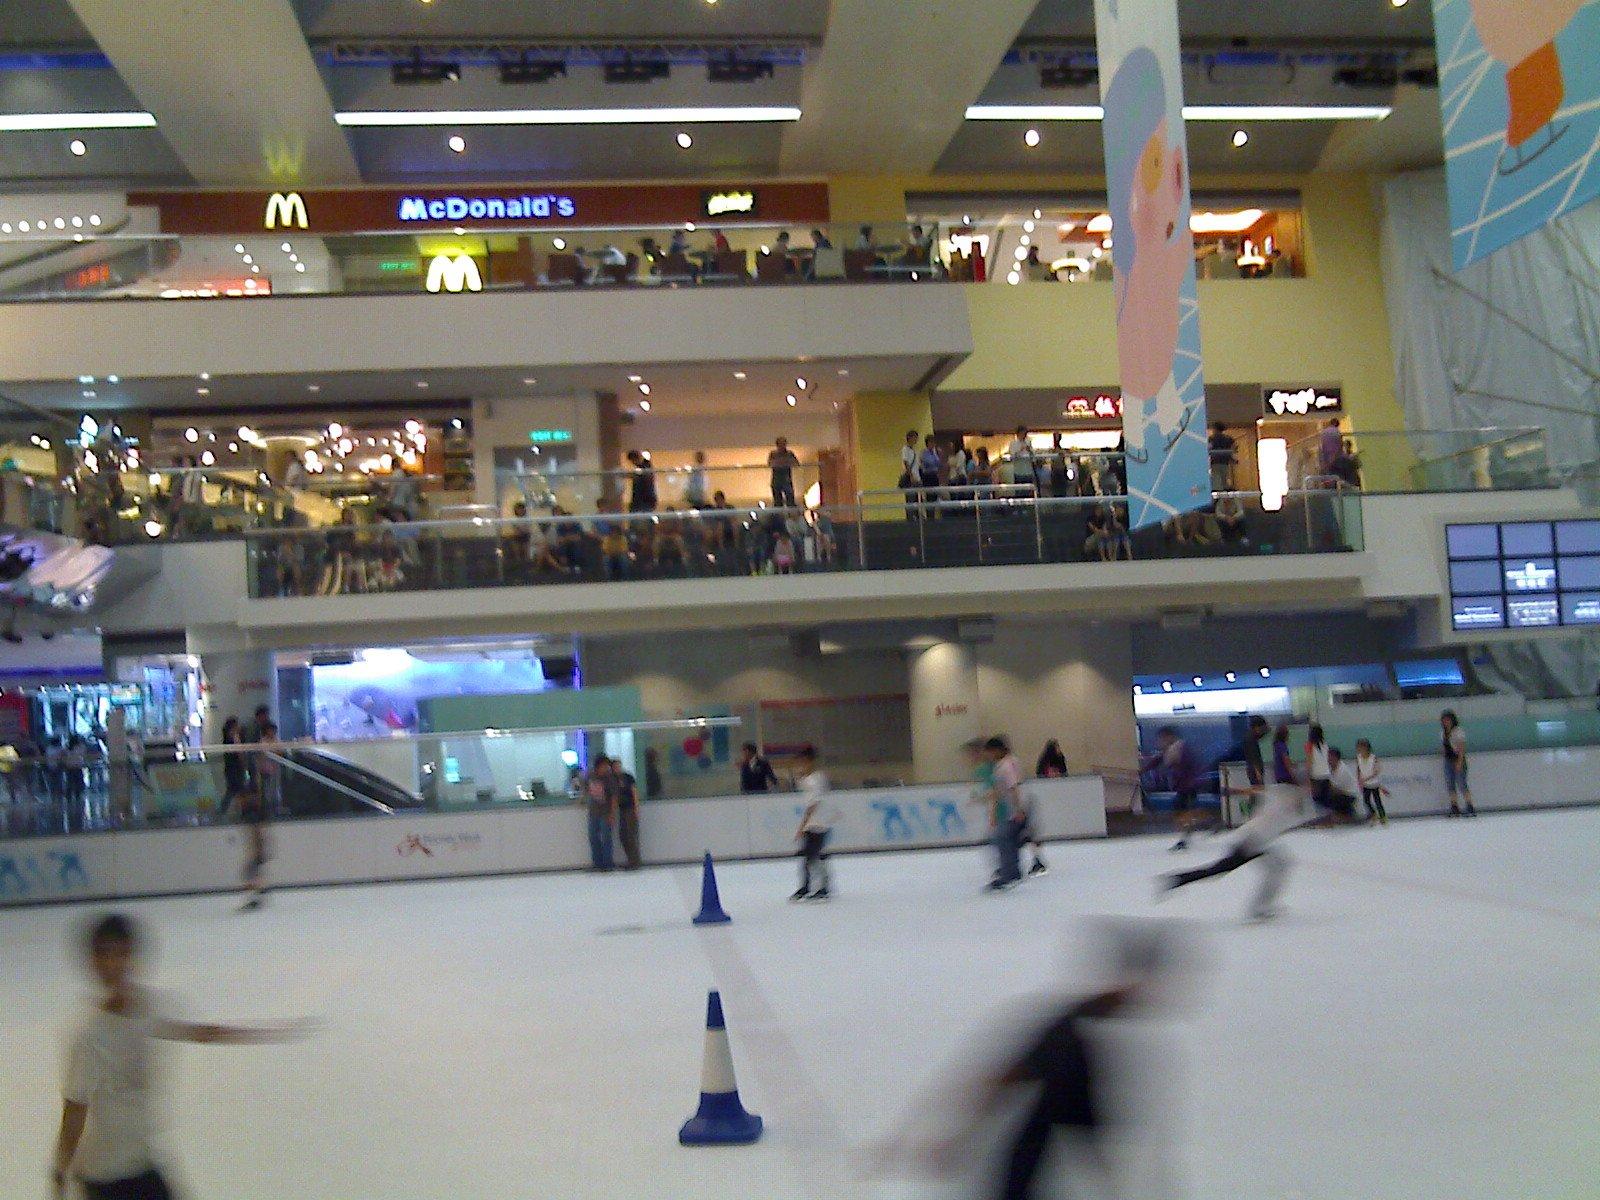 溜冰場仍有幾十人在場內溜冰